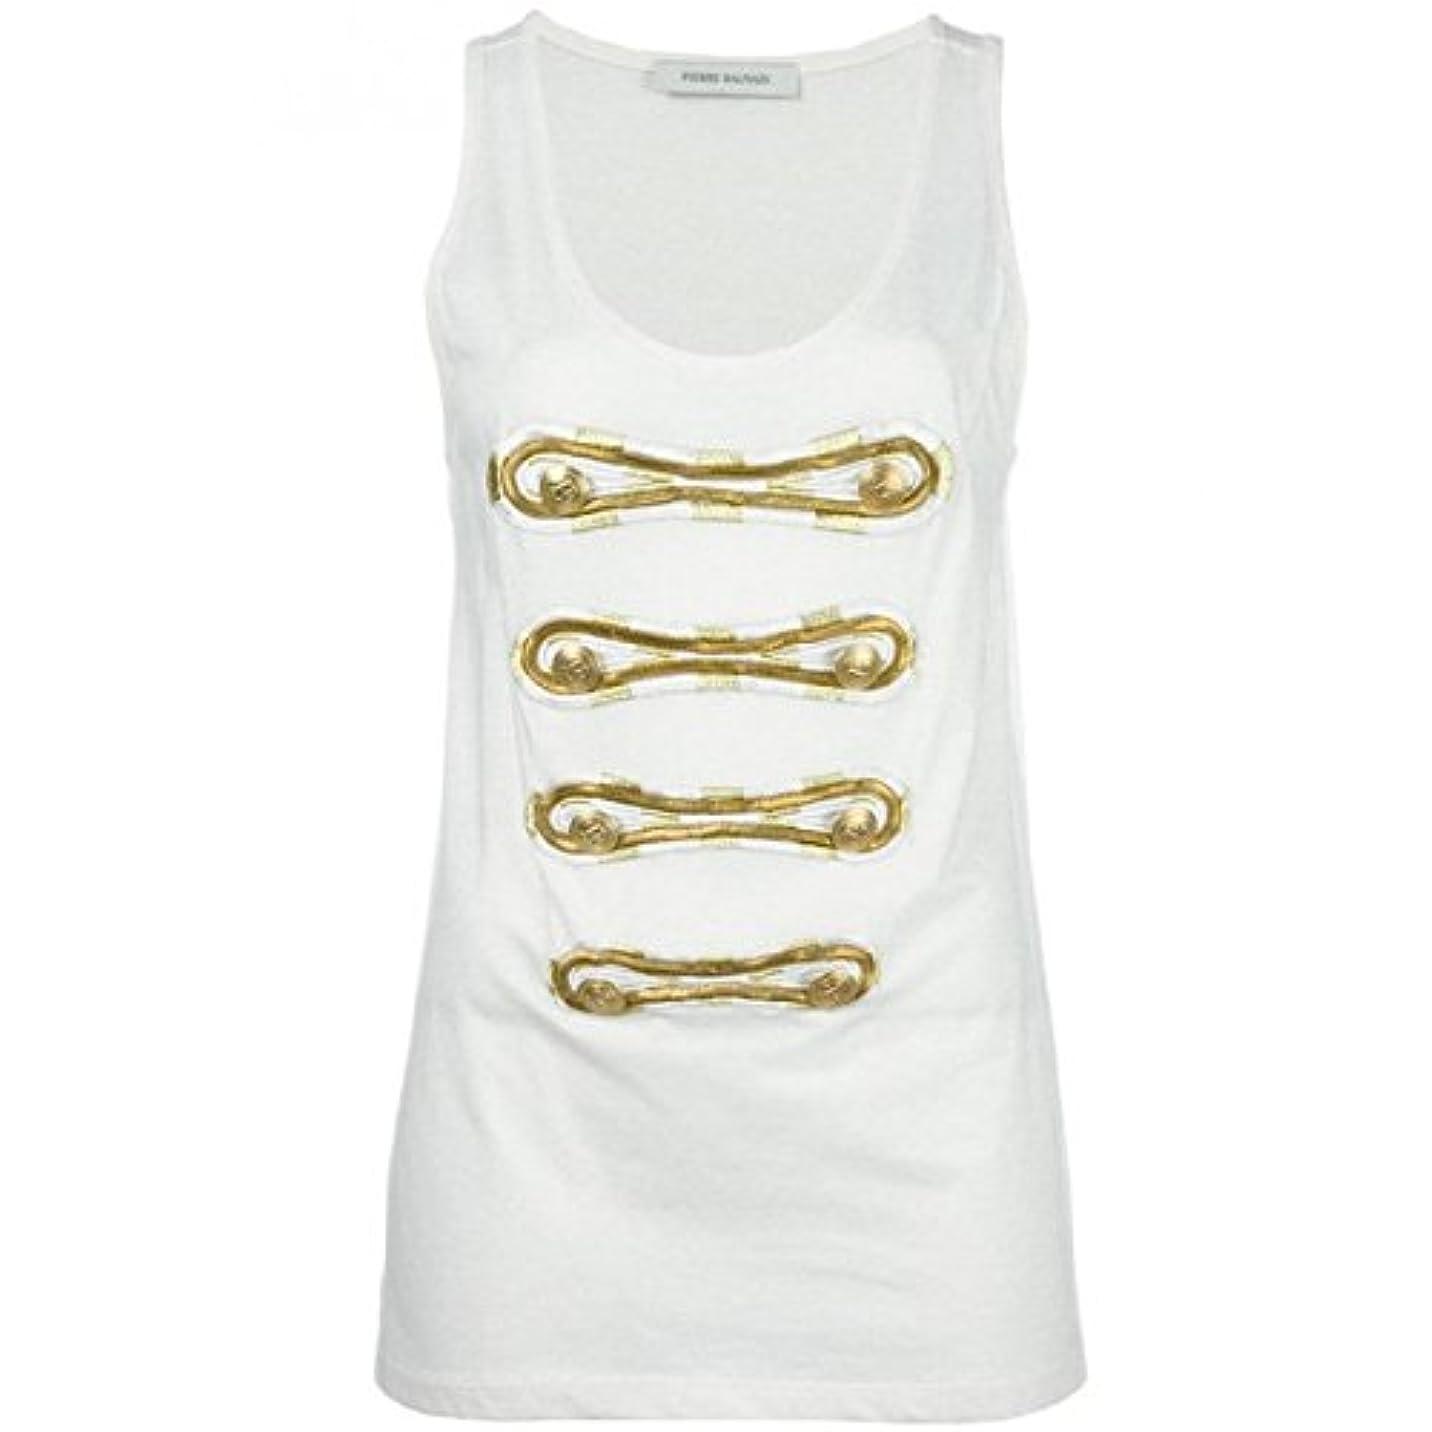 腐った推進吸い込む(ピエール バルマン) Pierre Balmain レディース トップス カジュアルシャツ Printed Sleeveless Top 並行輸入品